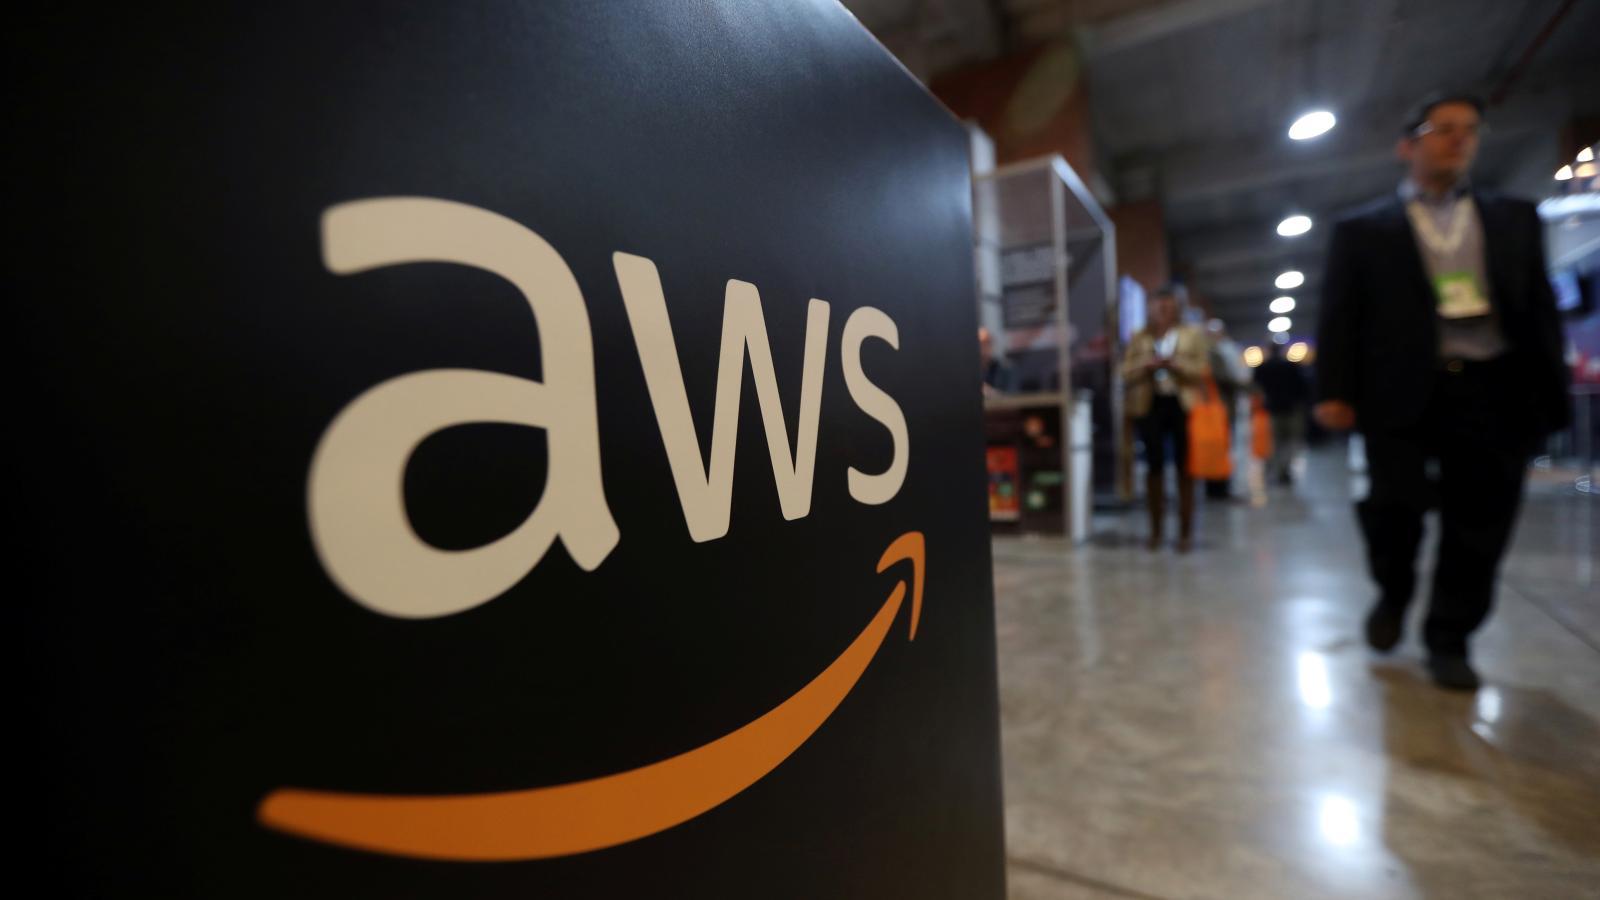 AWS tiene mayor demanda debido al coronavirus